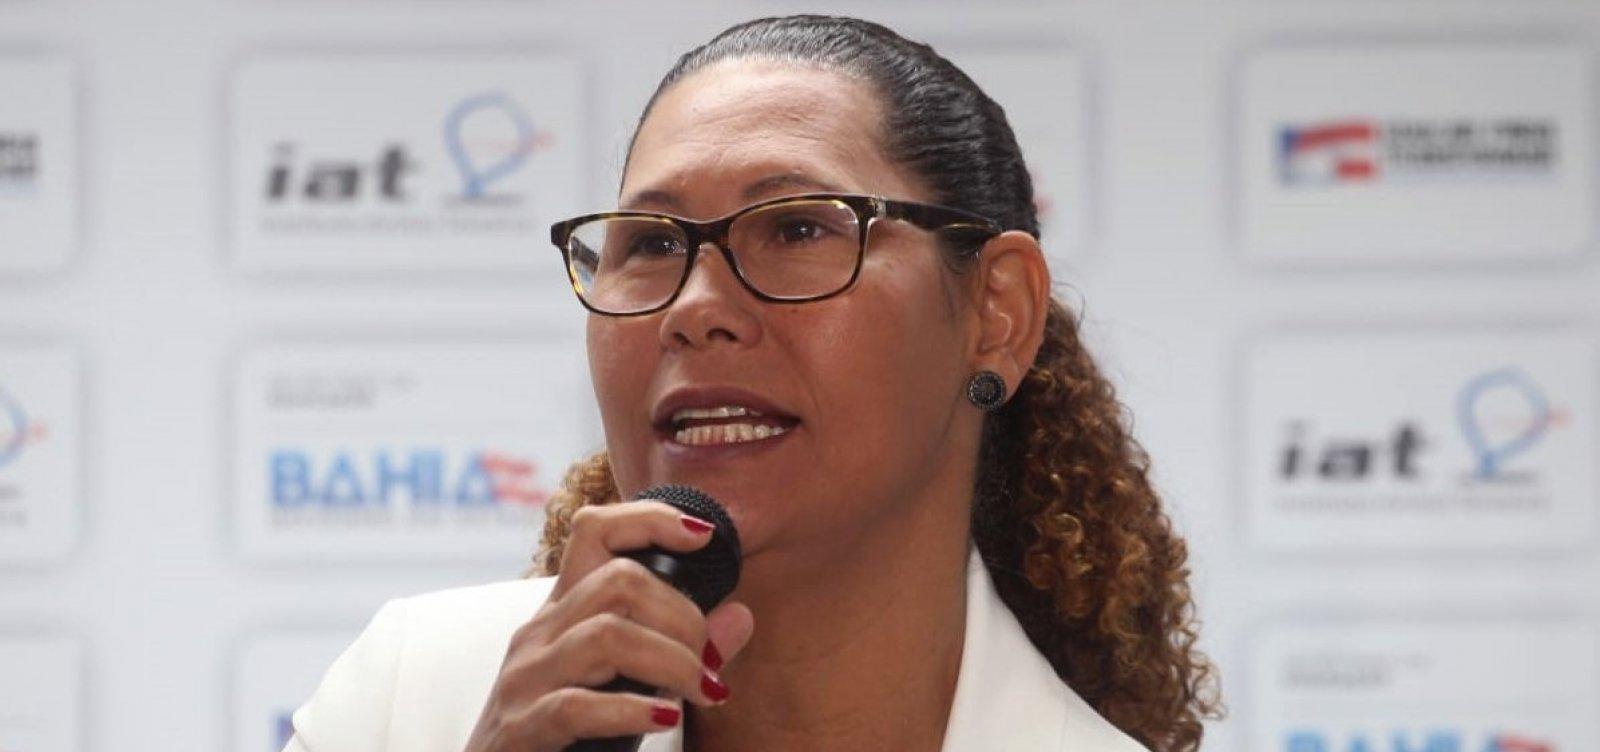 'Nomeação do novo presidente da Palmares é reflexo do governo racista', avalia titular da Sepromi